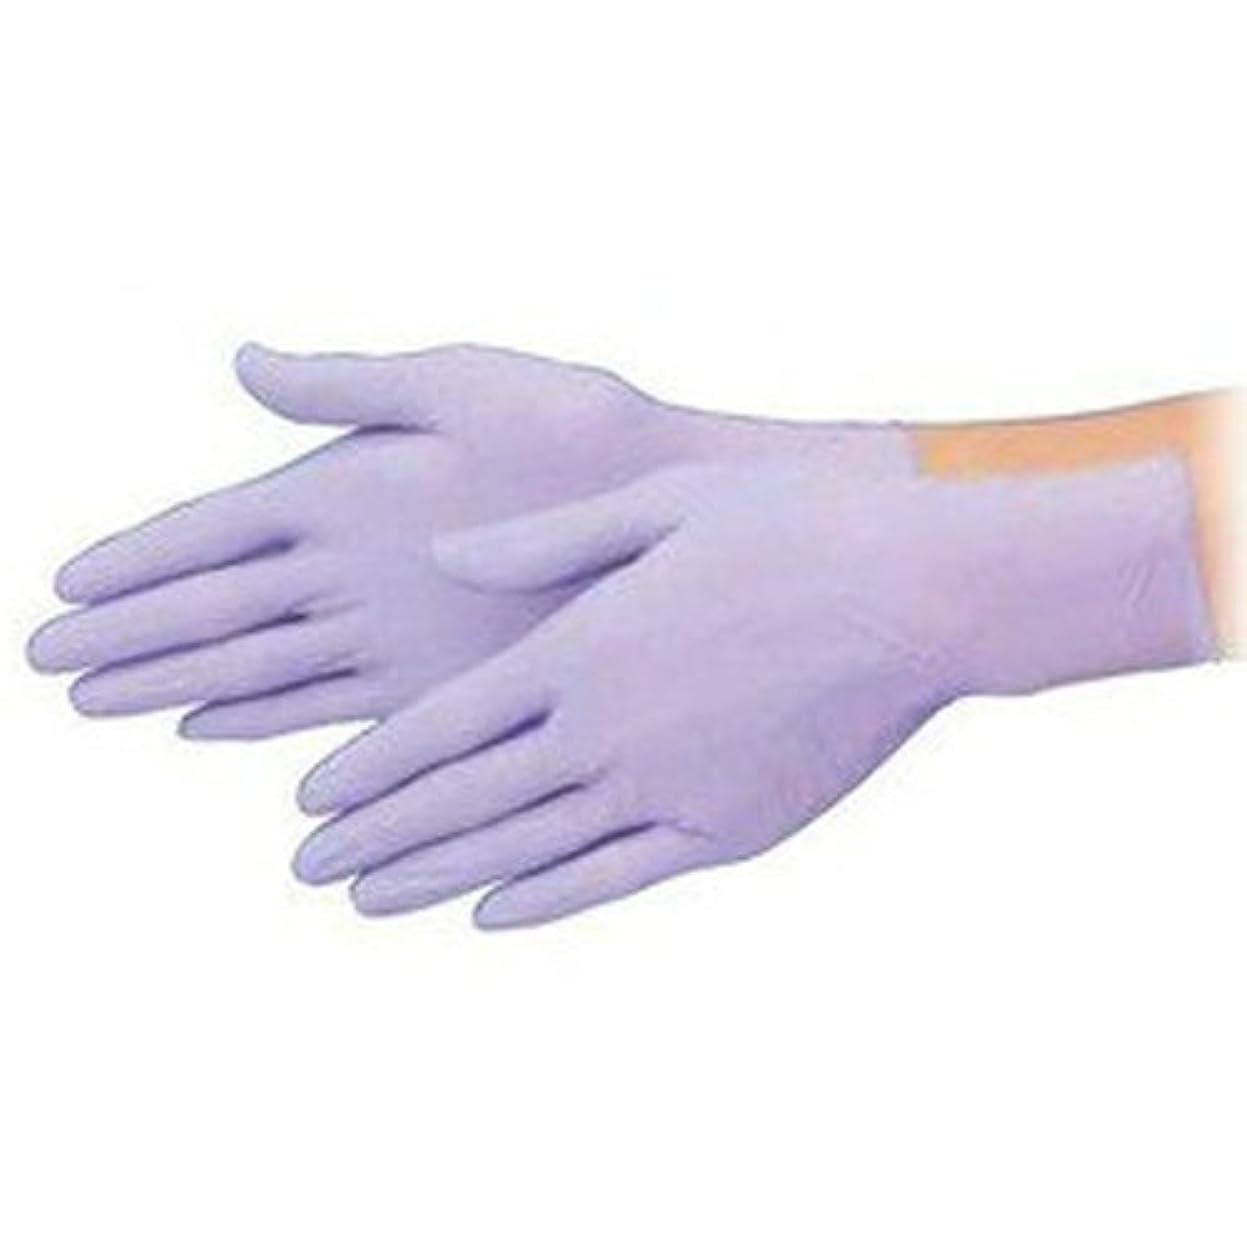 予防接種おもしろい幻滅する使い捨て 手袋 エブノ 522 スタンダードニトリルライト パープル Sサイズ パウダーフリー 2ケース(100枚×60箱)